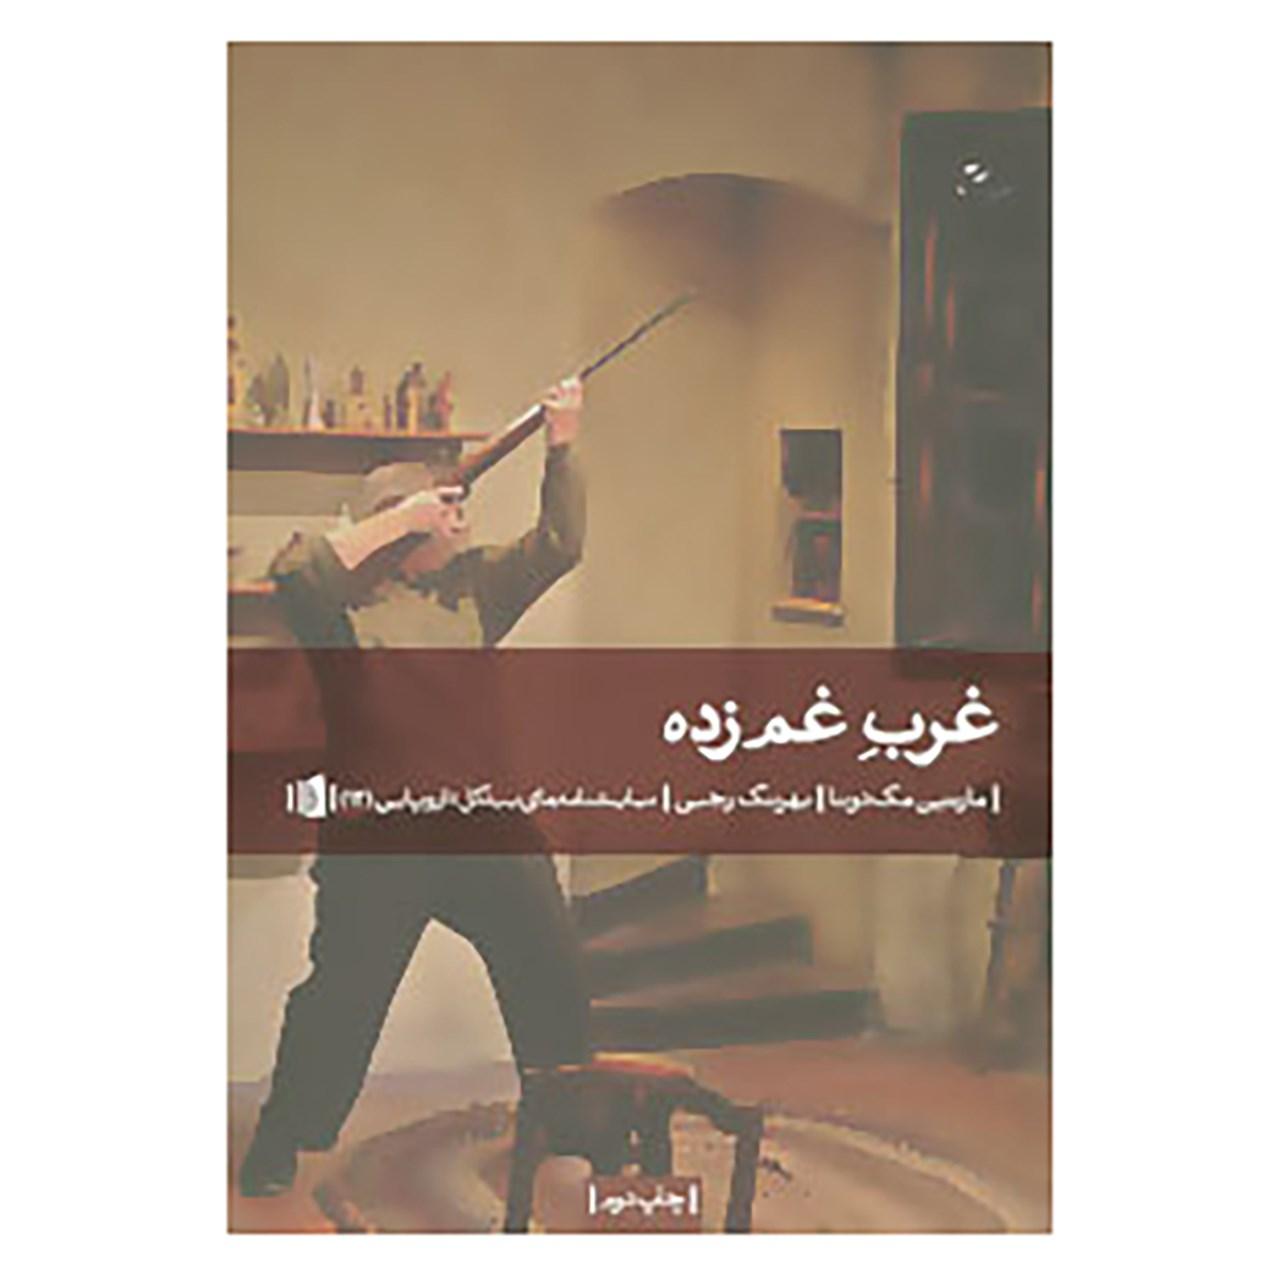 کتاب نمایشنامه های بیدگل:اروپایی12 اثر مارتین مک دونا